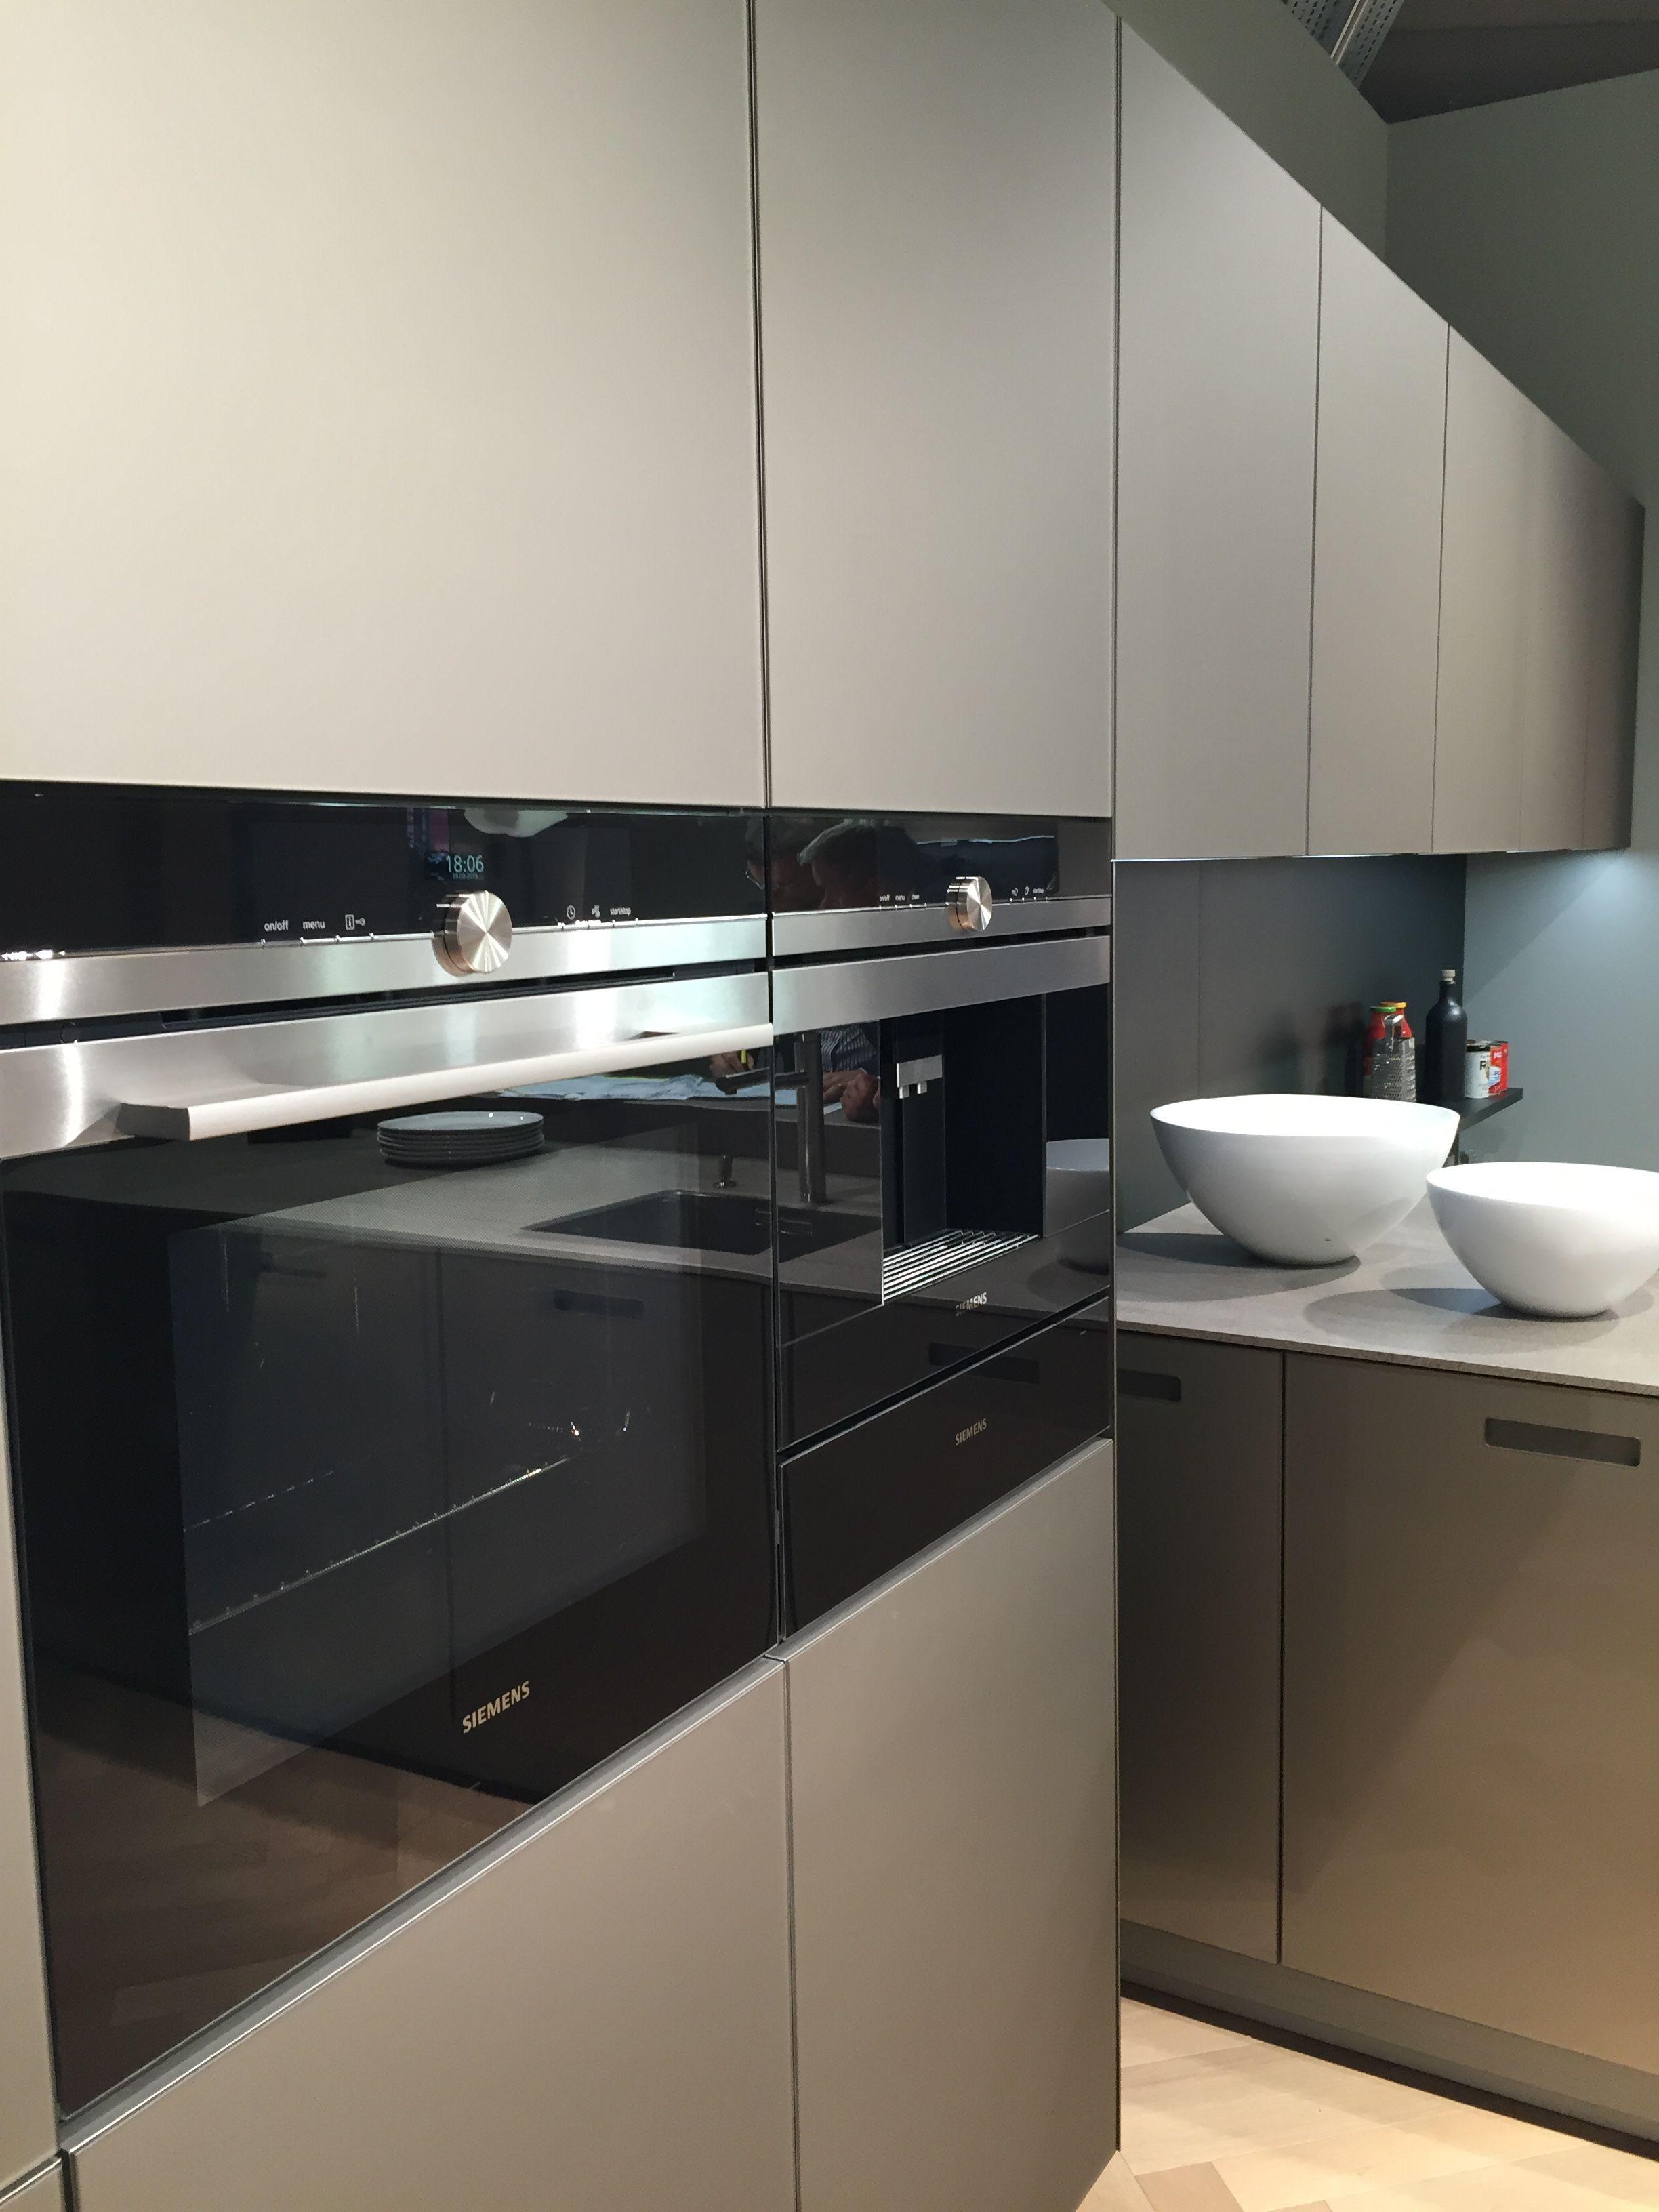 die besten 25 siemens oven ideen auf pinterest moderne k chen herde k chenausstellungsraum. Black Bedroom Furniture Sets. Home Design Ideas